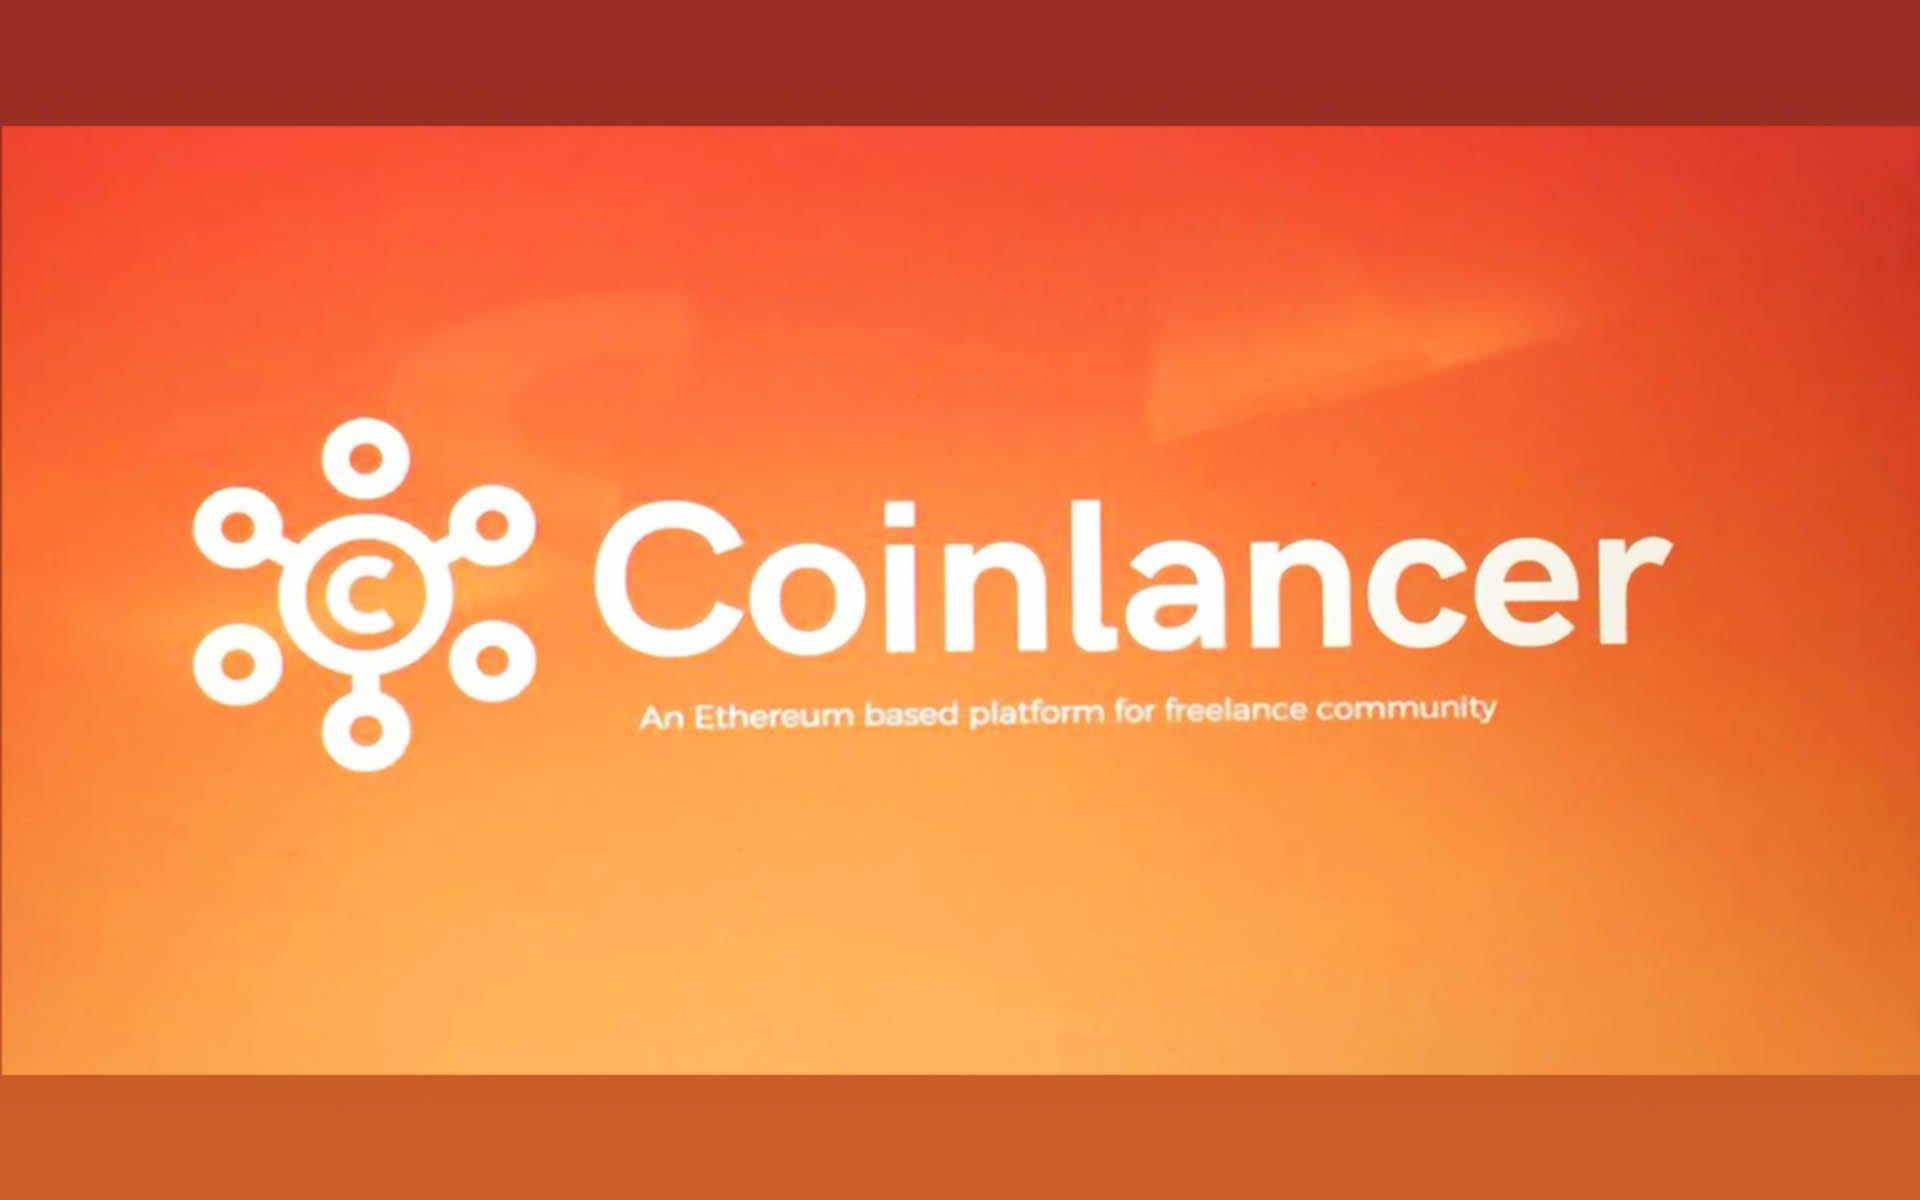 Blockchain Freelancing Platform Coinlancer Powers Through Pre-Sale, Raises $5 Million in Under a Week